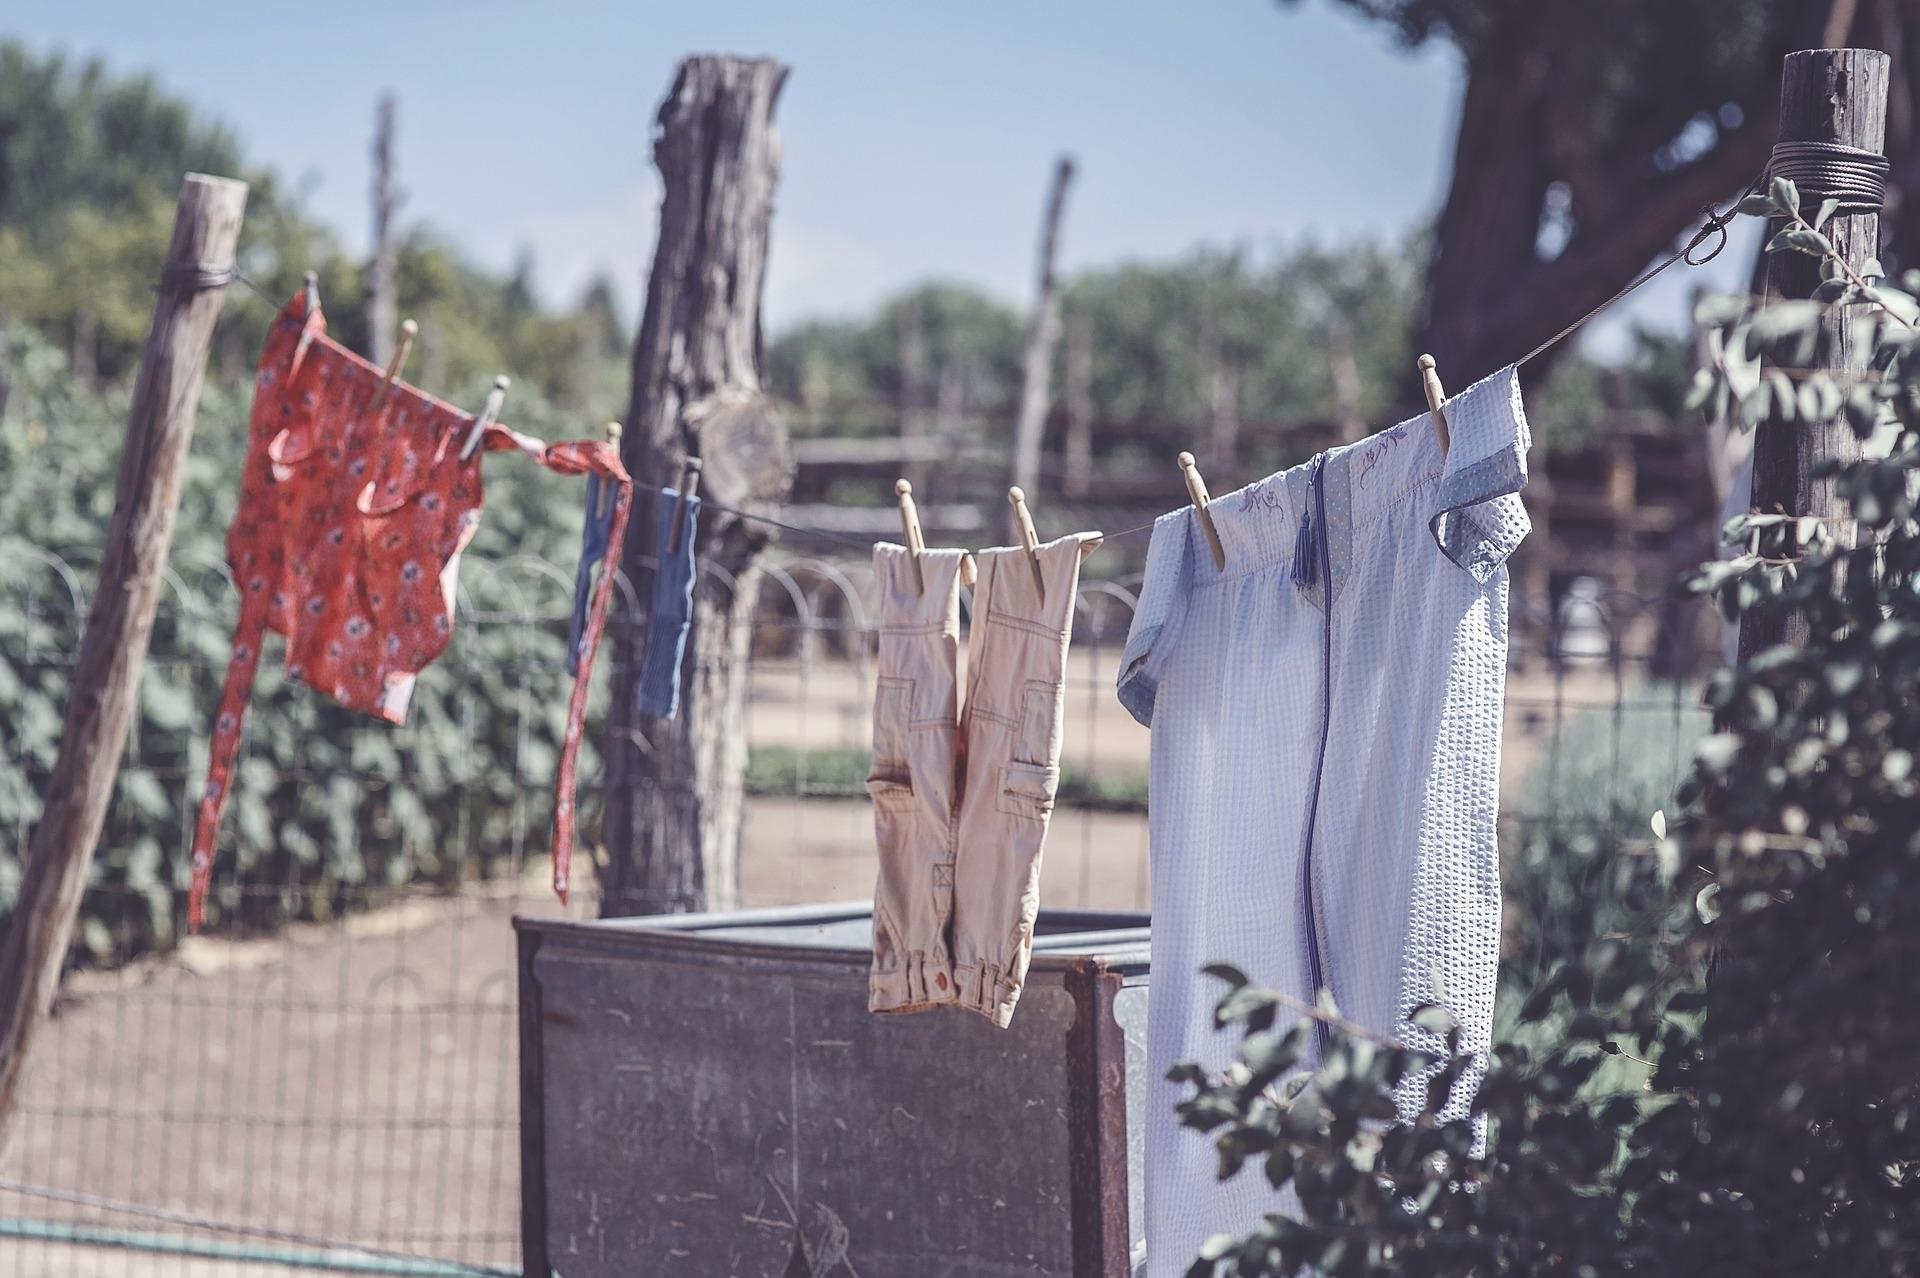 Elige el programa de lavadora adecuado para cada prenda